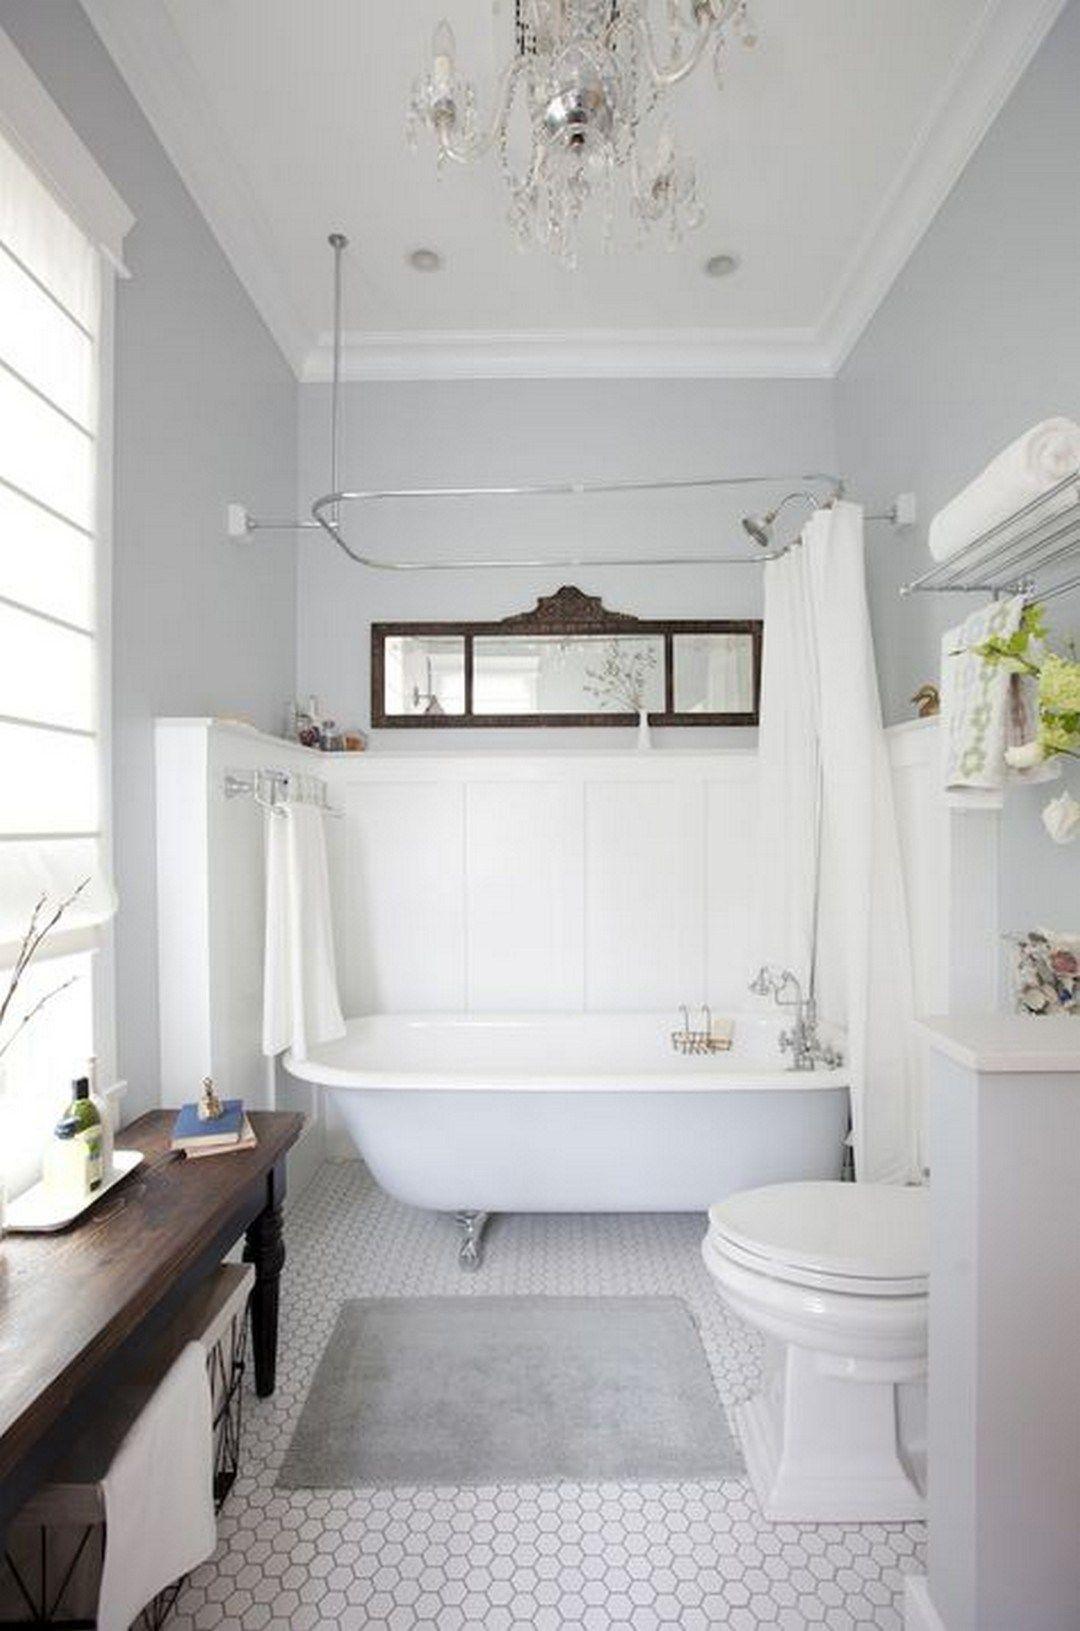 100 Small Master Bathroom Design Ideas In 2020 Bathroom Tub